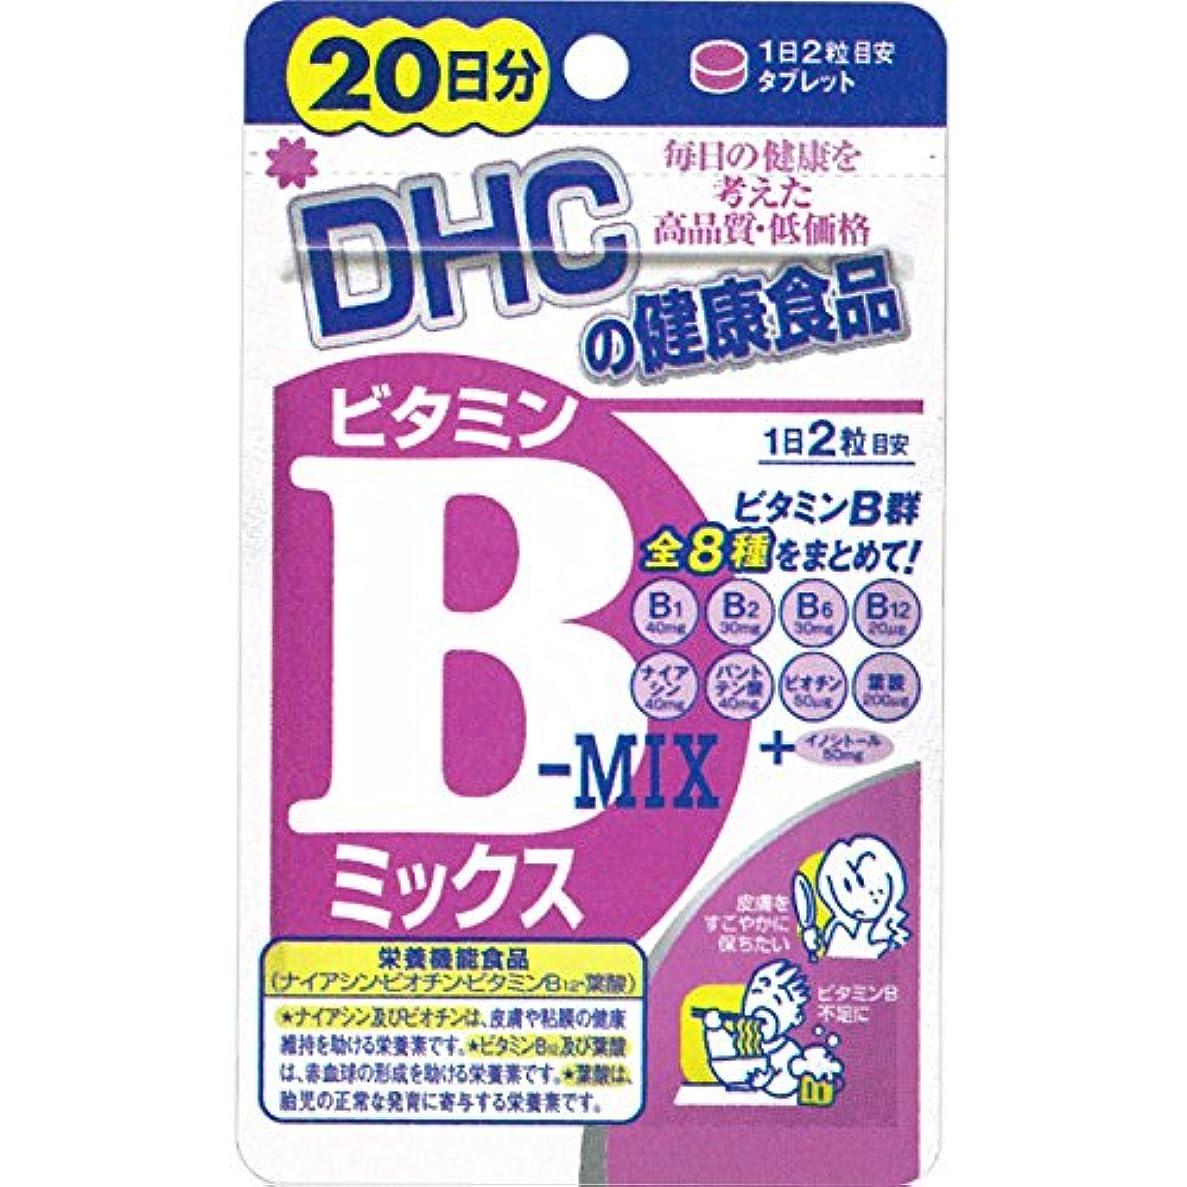 スーパー有彩色の巻き戻すDHC(ディーエイチシー) サプリメント DHC ビタミンB MIX 20日分